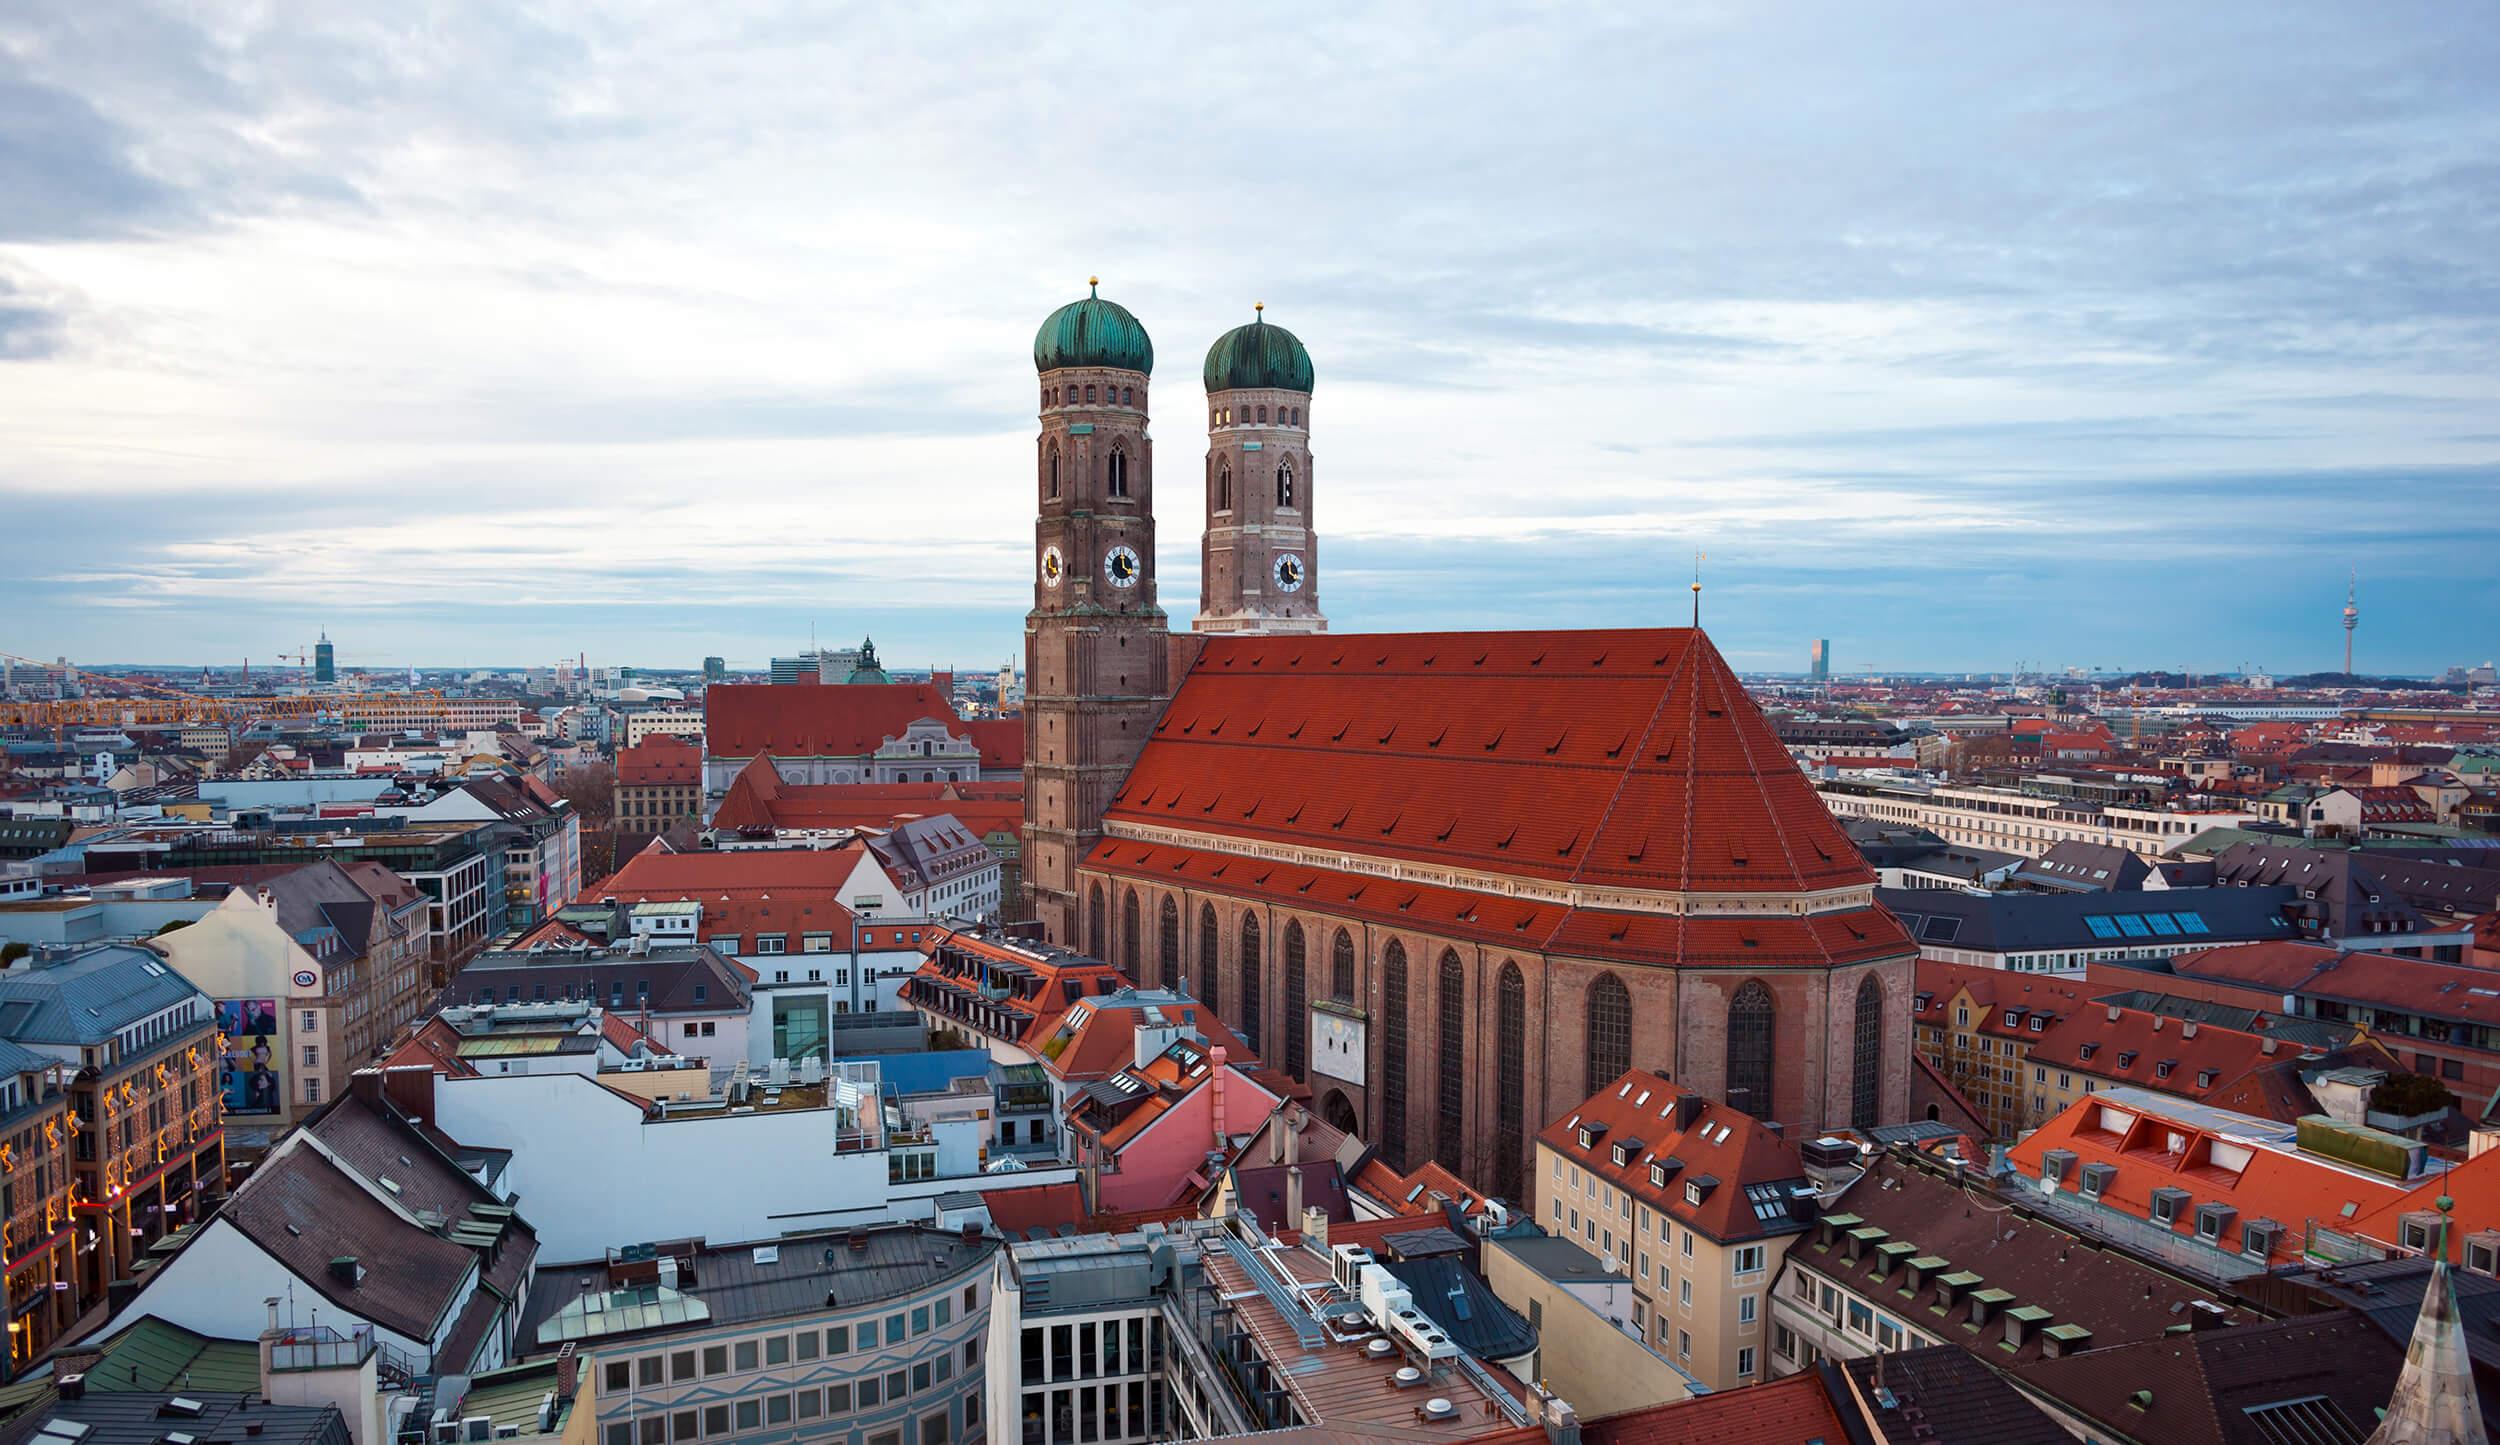 Tag på europarejse til München, Tyskland